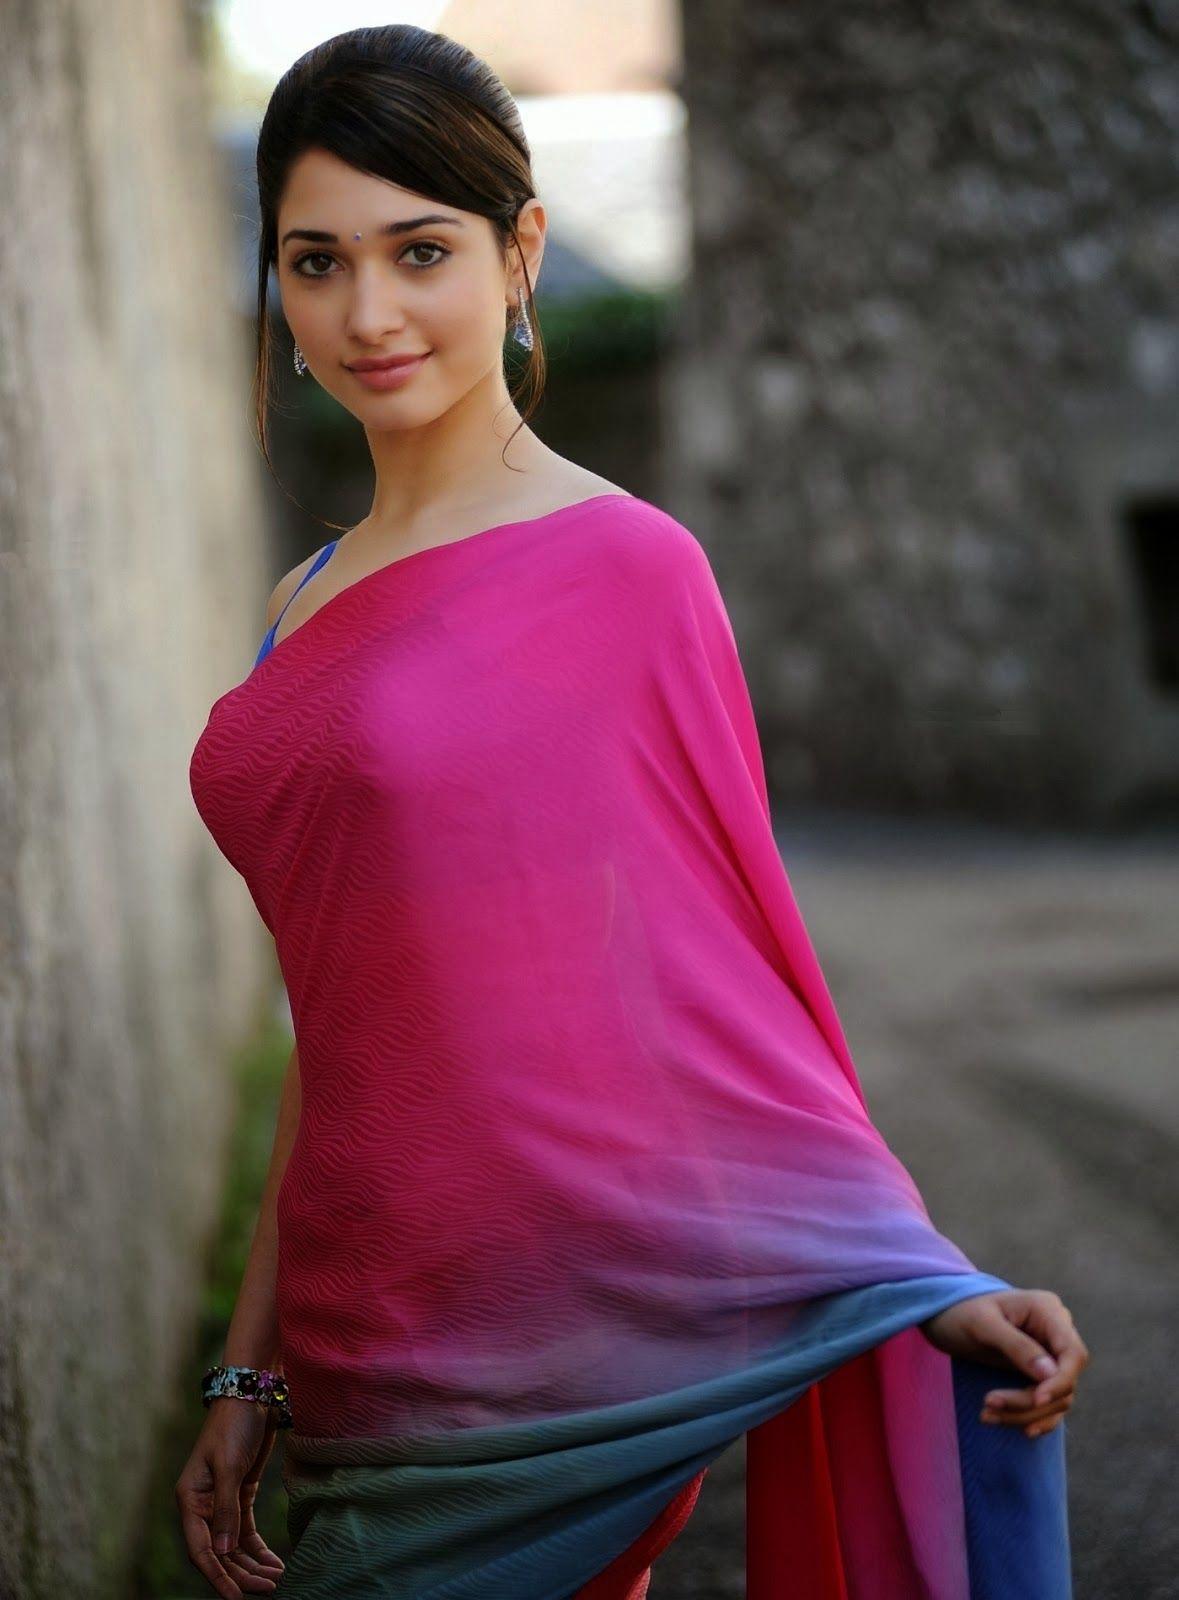 tamanna hot photos - telugu actress tamanna.images hd | saree